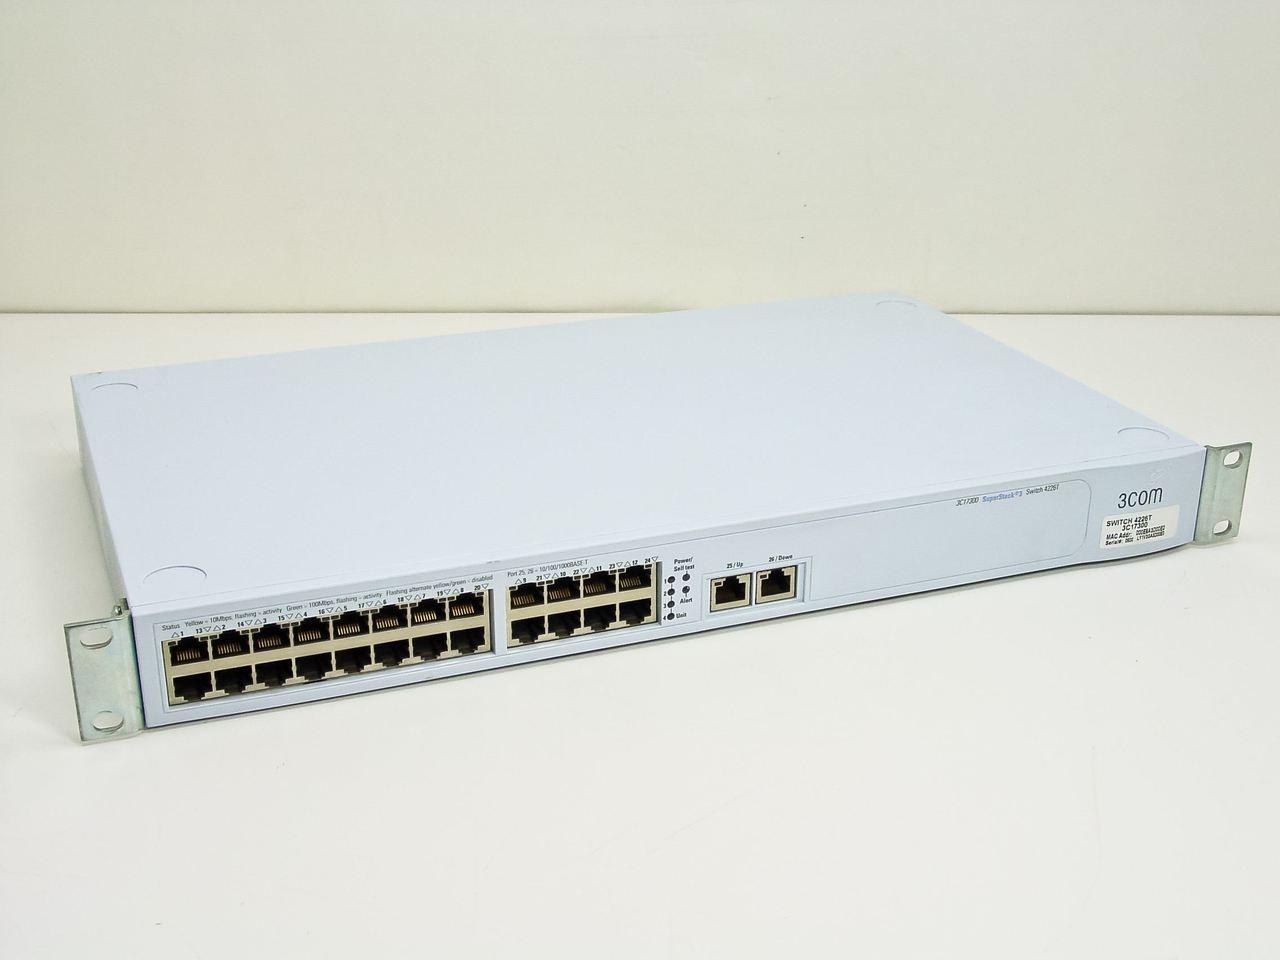 3com 3c17300 superstack 3 switch 4226t 24 port recycledgoods com rh recycledgoods com